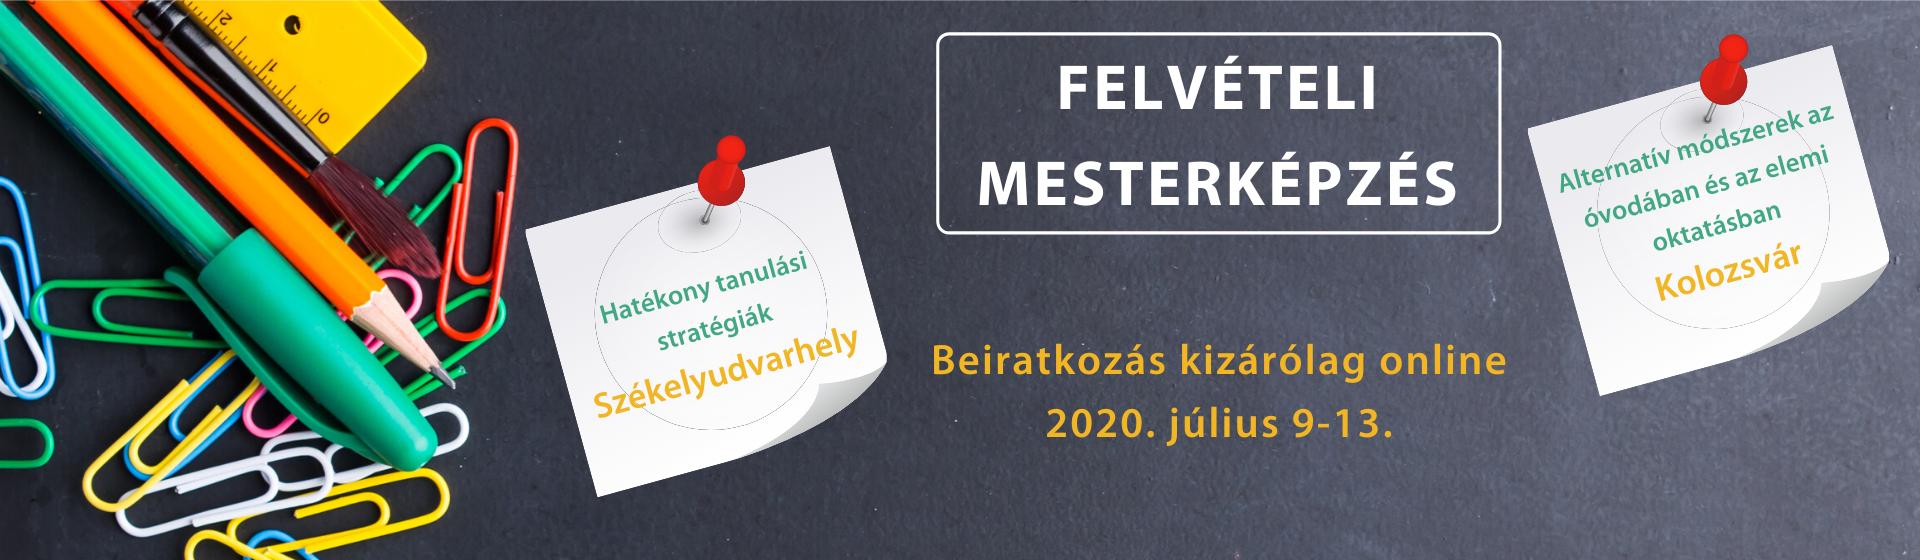 Felvételi mesterképzés 2020 – honlap banner